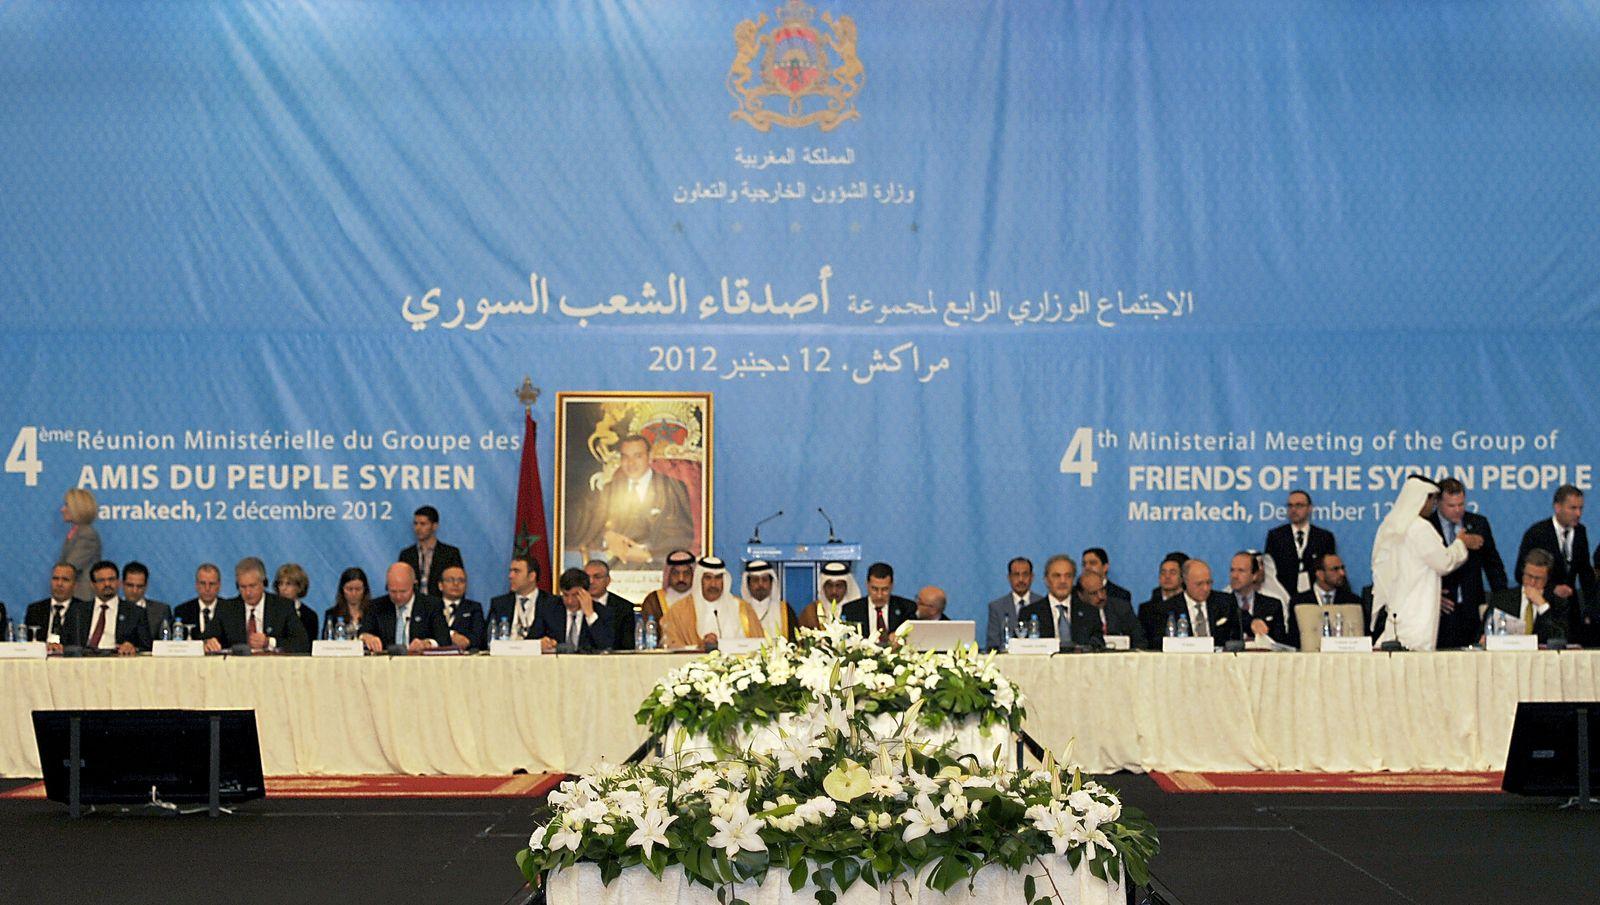 Marokko / Syrien-Konferenz